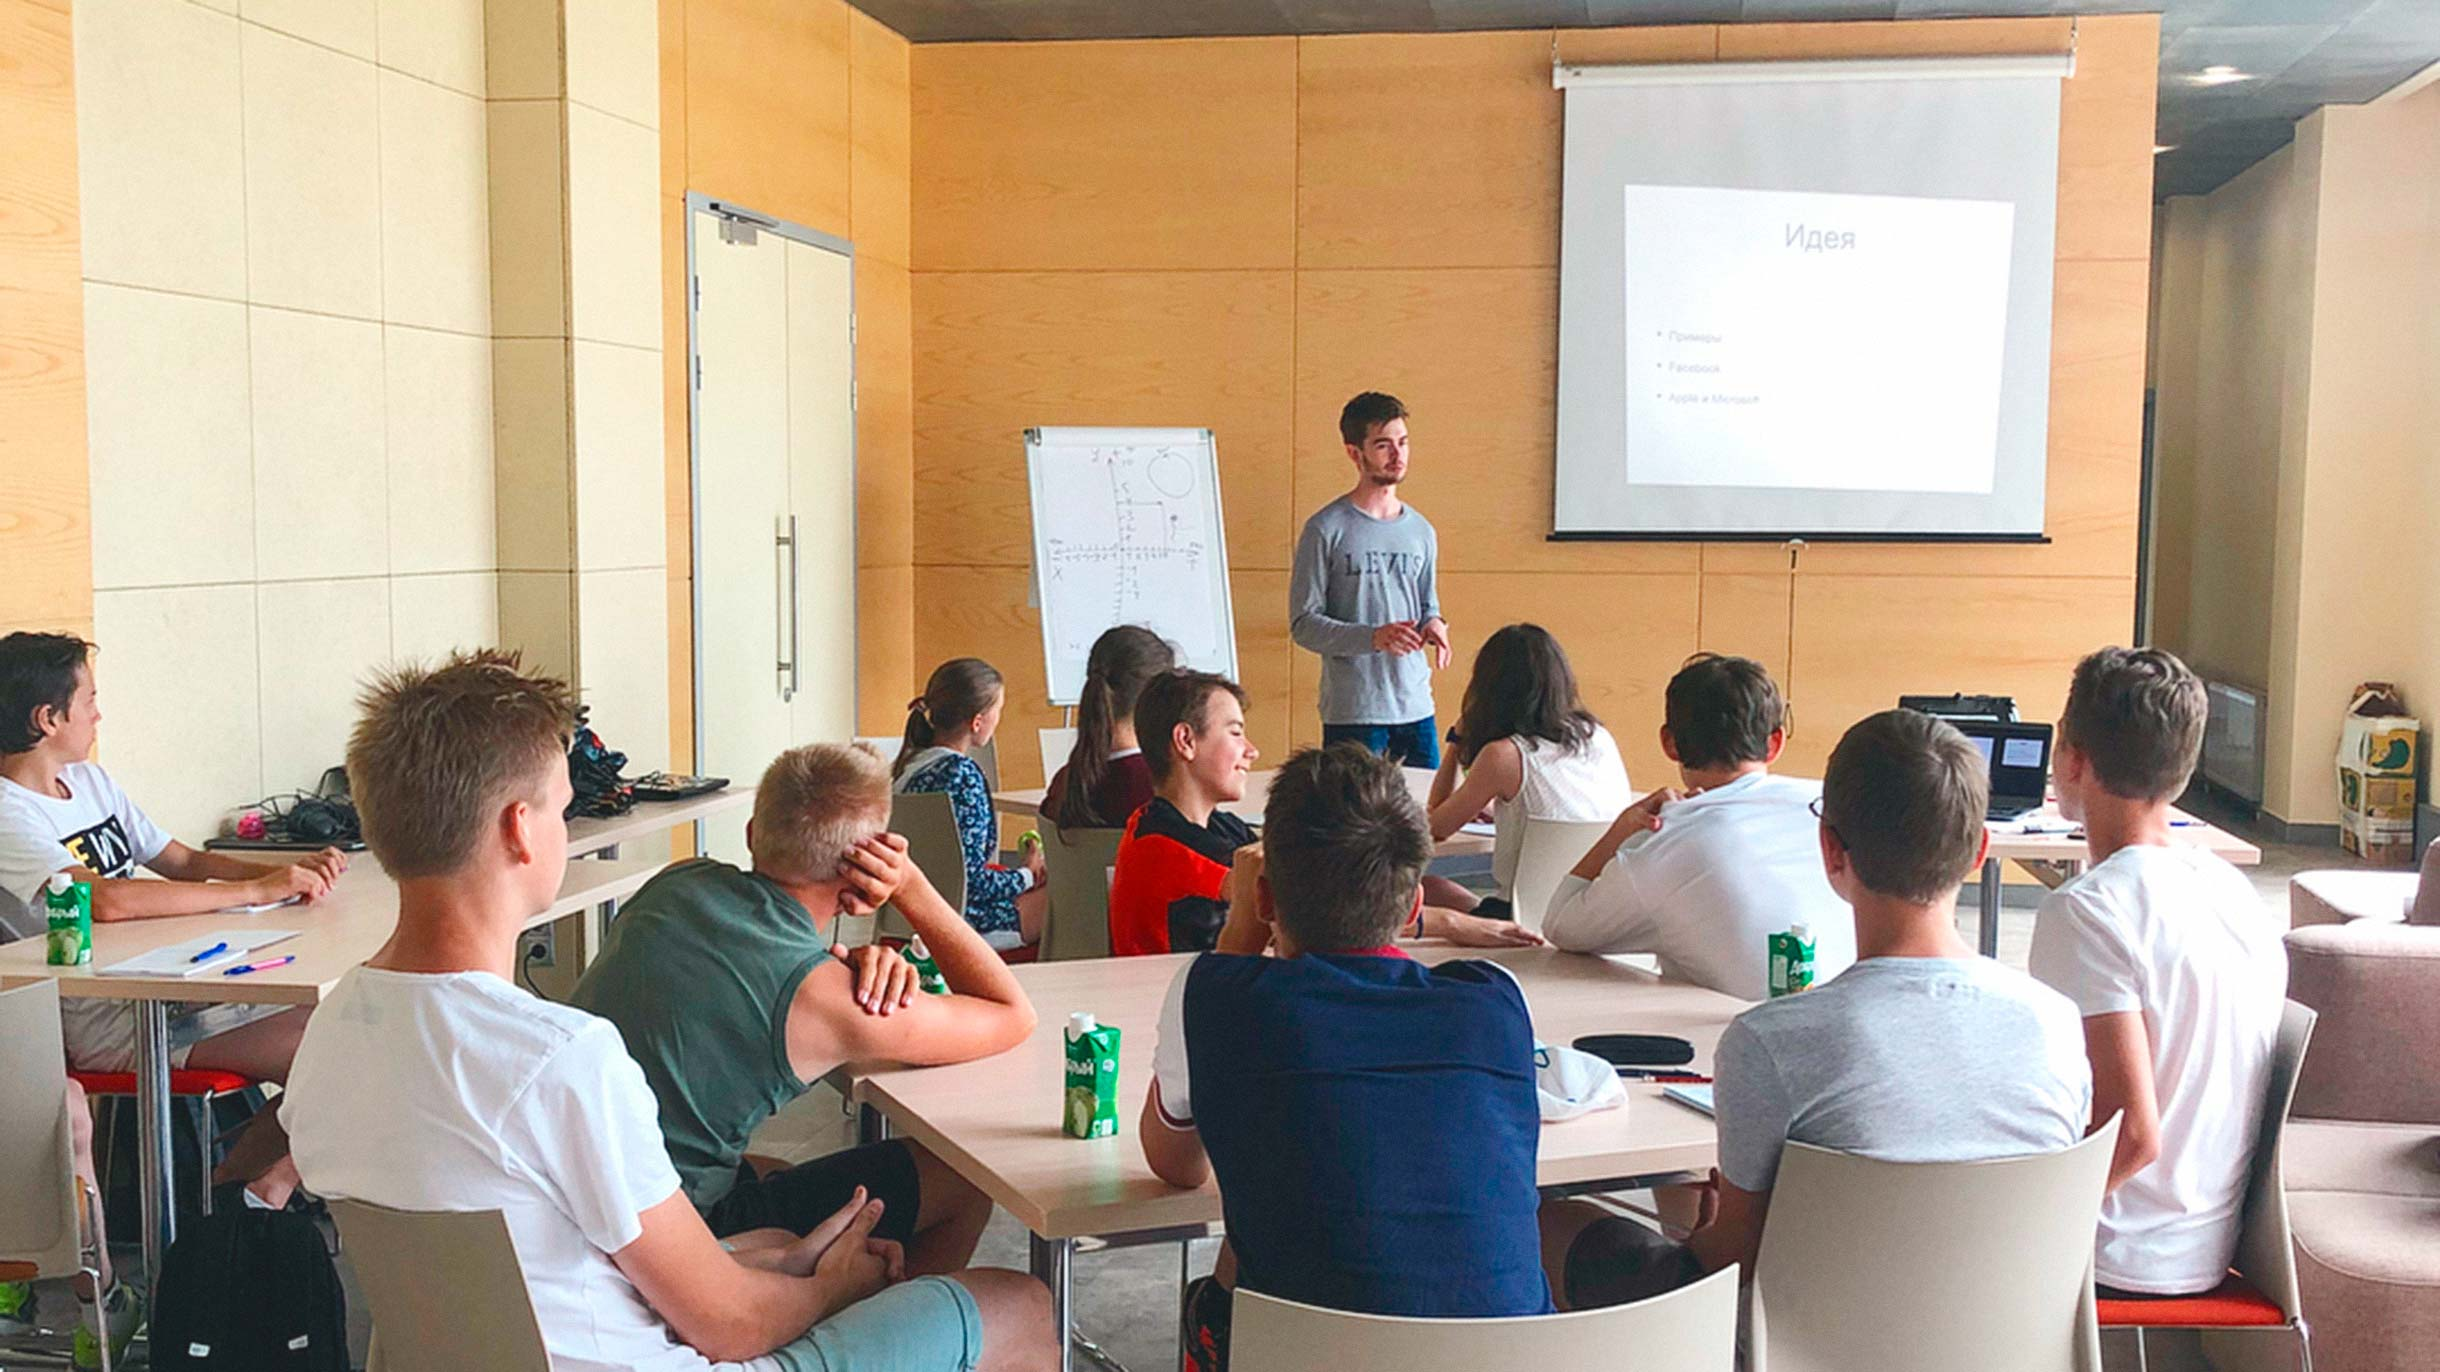 Бизнес: школа креативных навыков в Екатеринбурге